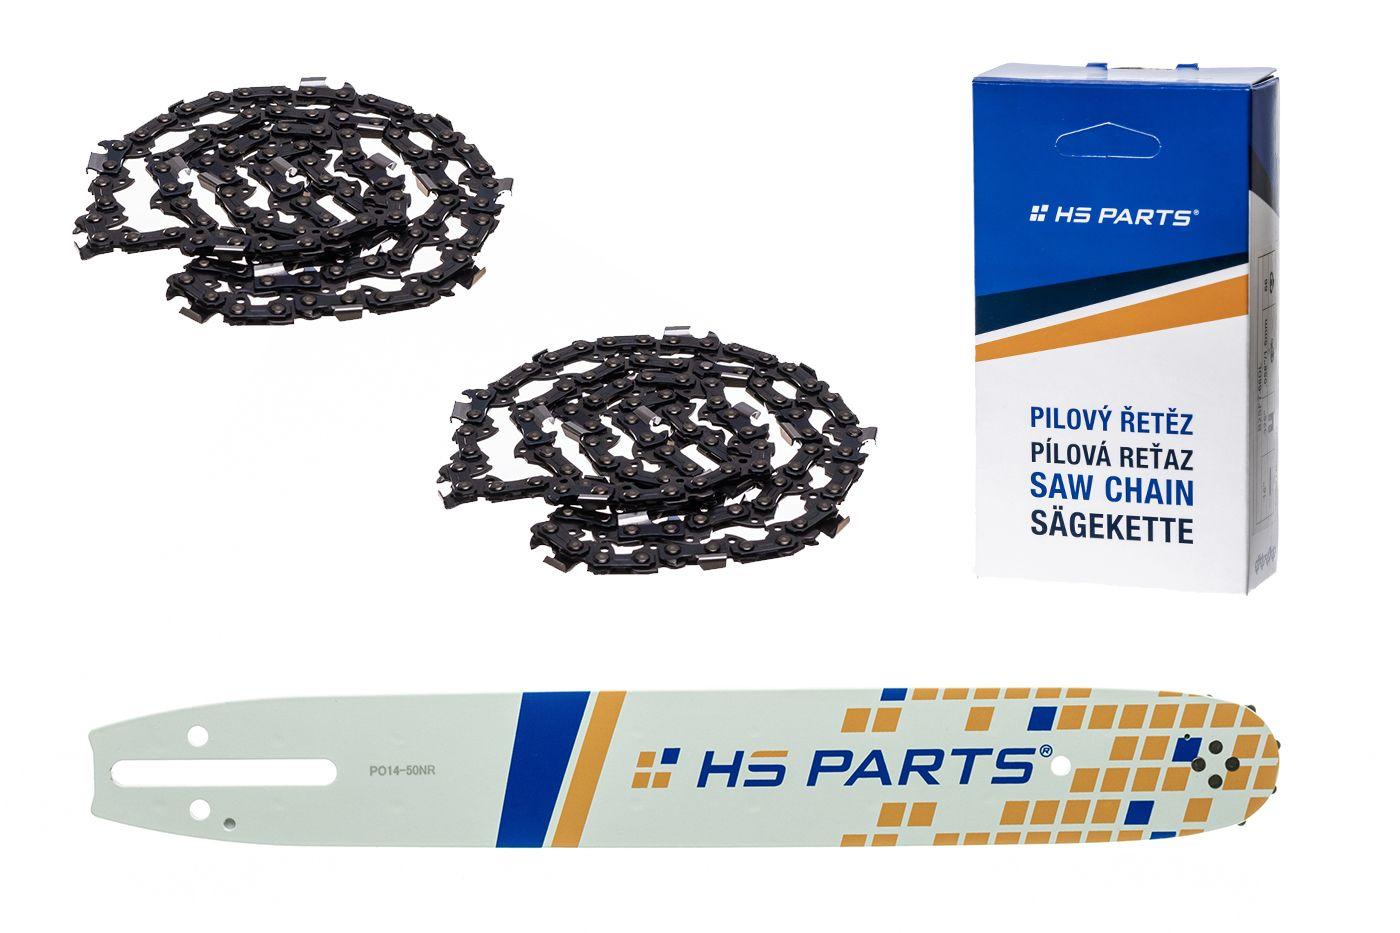 """HS PARTS Akční set vodící lišta 14"""" (35 cm) 3/8"""" .050"""" (1,3 mm) + 2 x pilový řetěz 52 čl."""